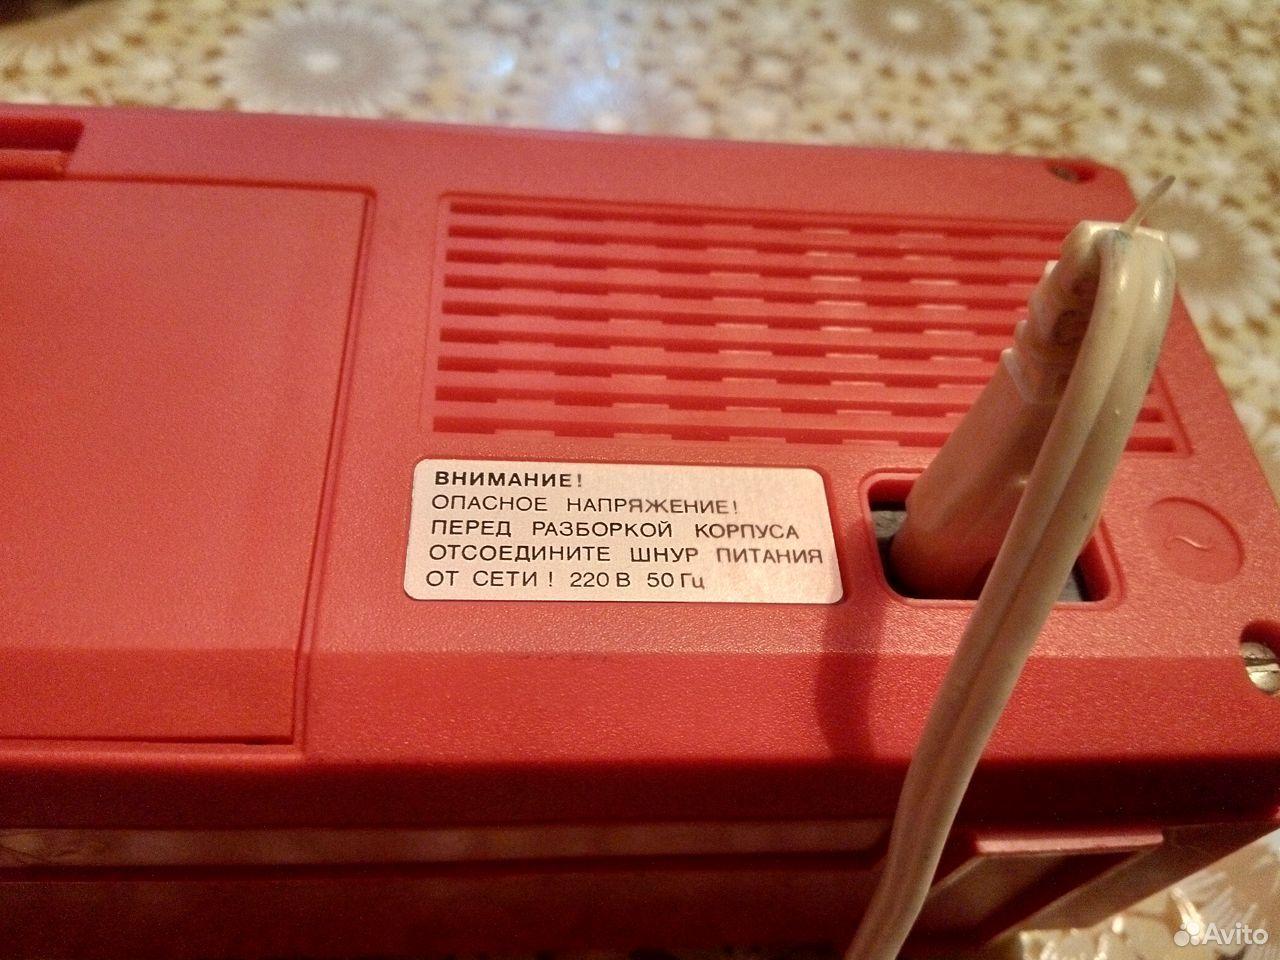 Радиоприемник рп-8330 abava  89040176196 купить 3